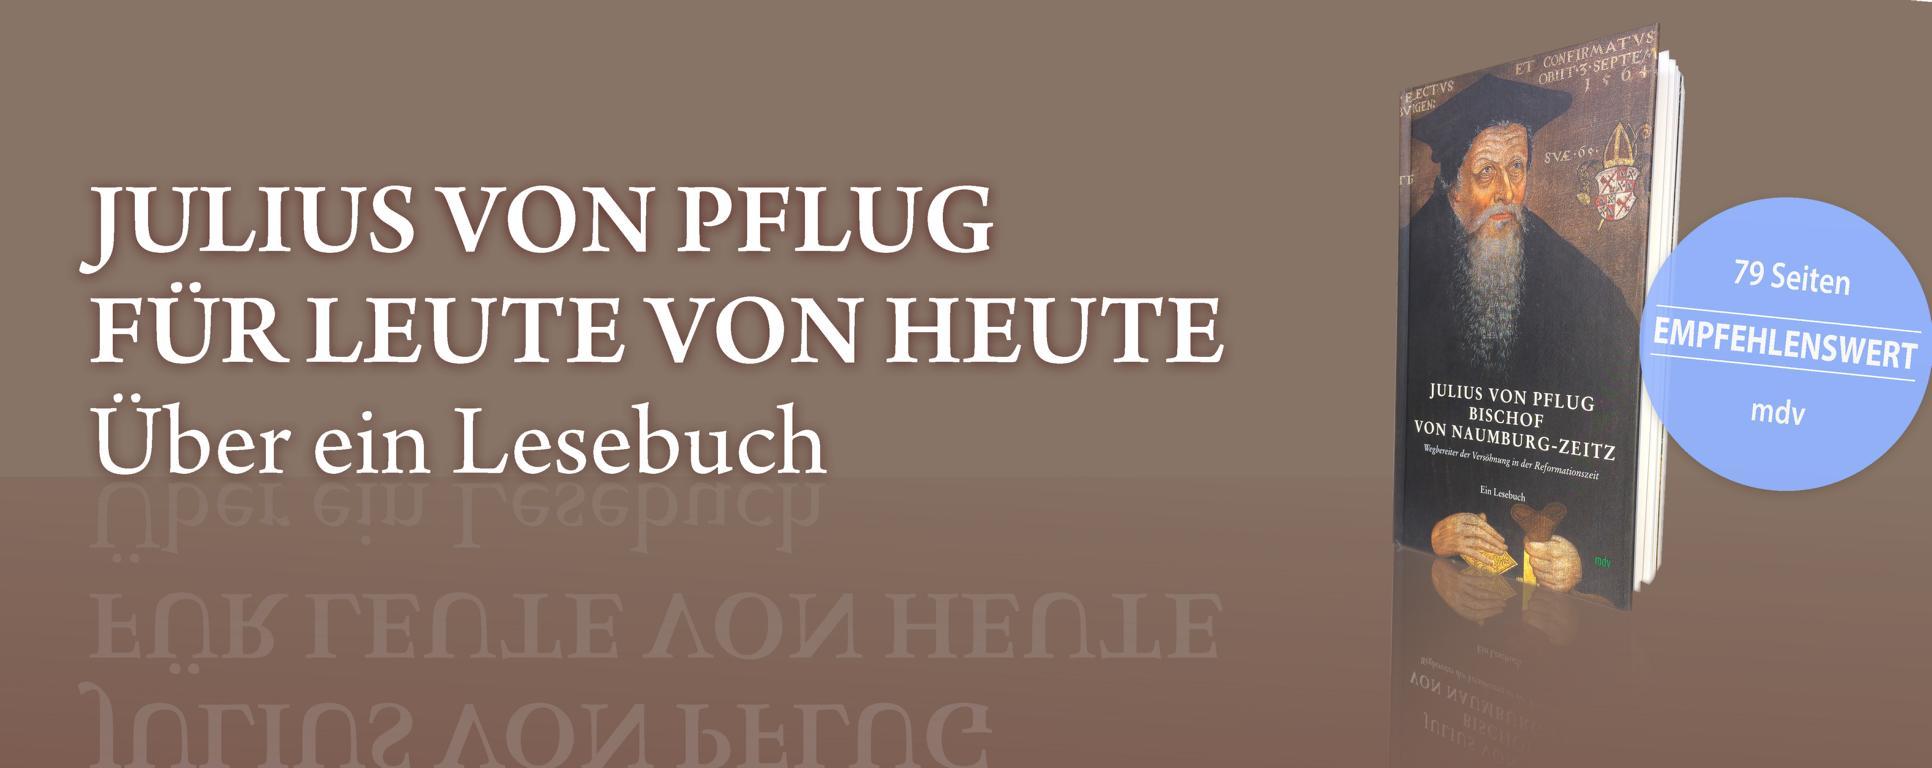 Pflug-Lesebuch-Empfehlung